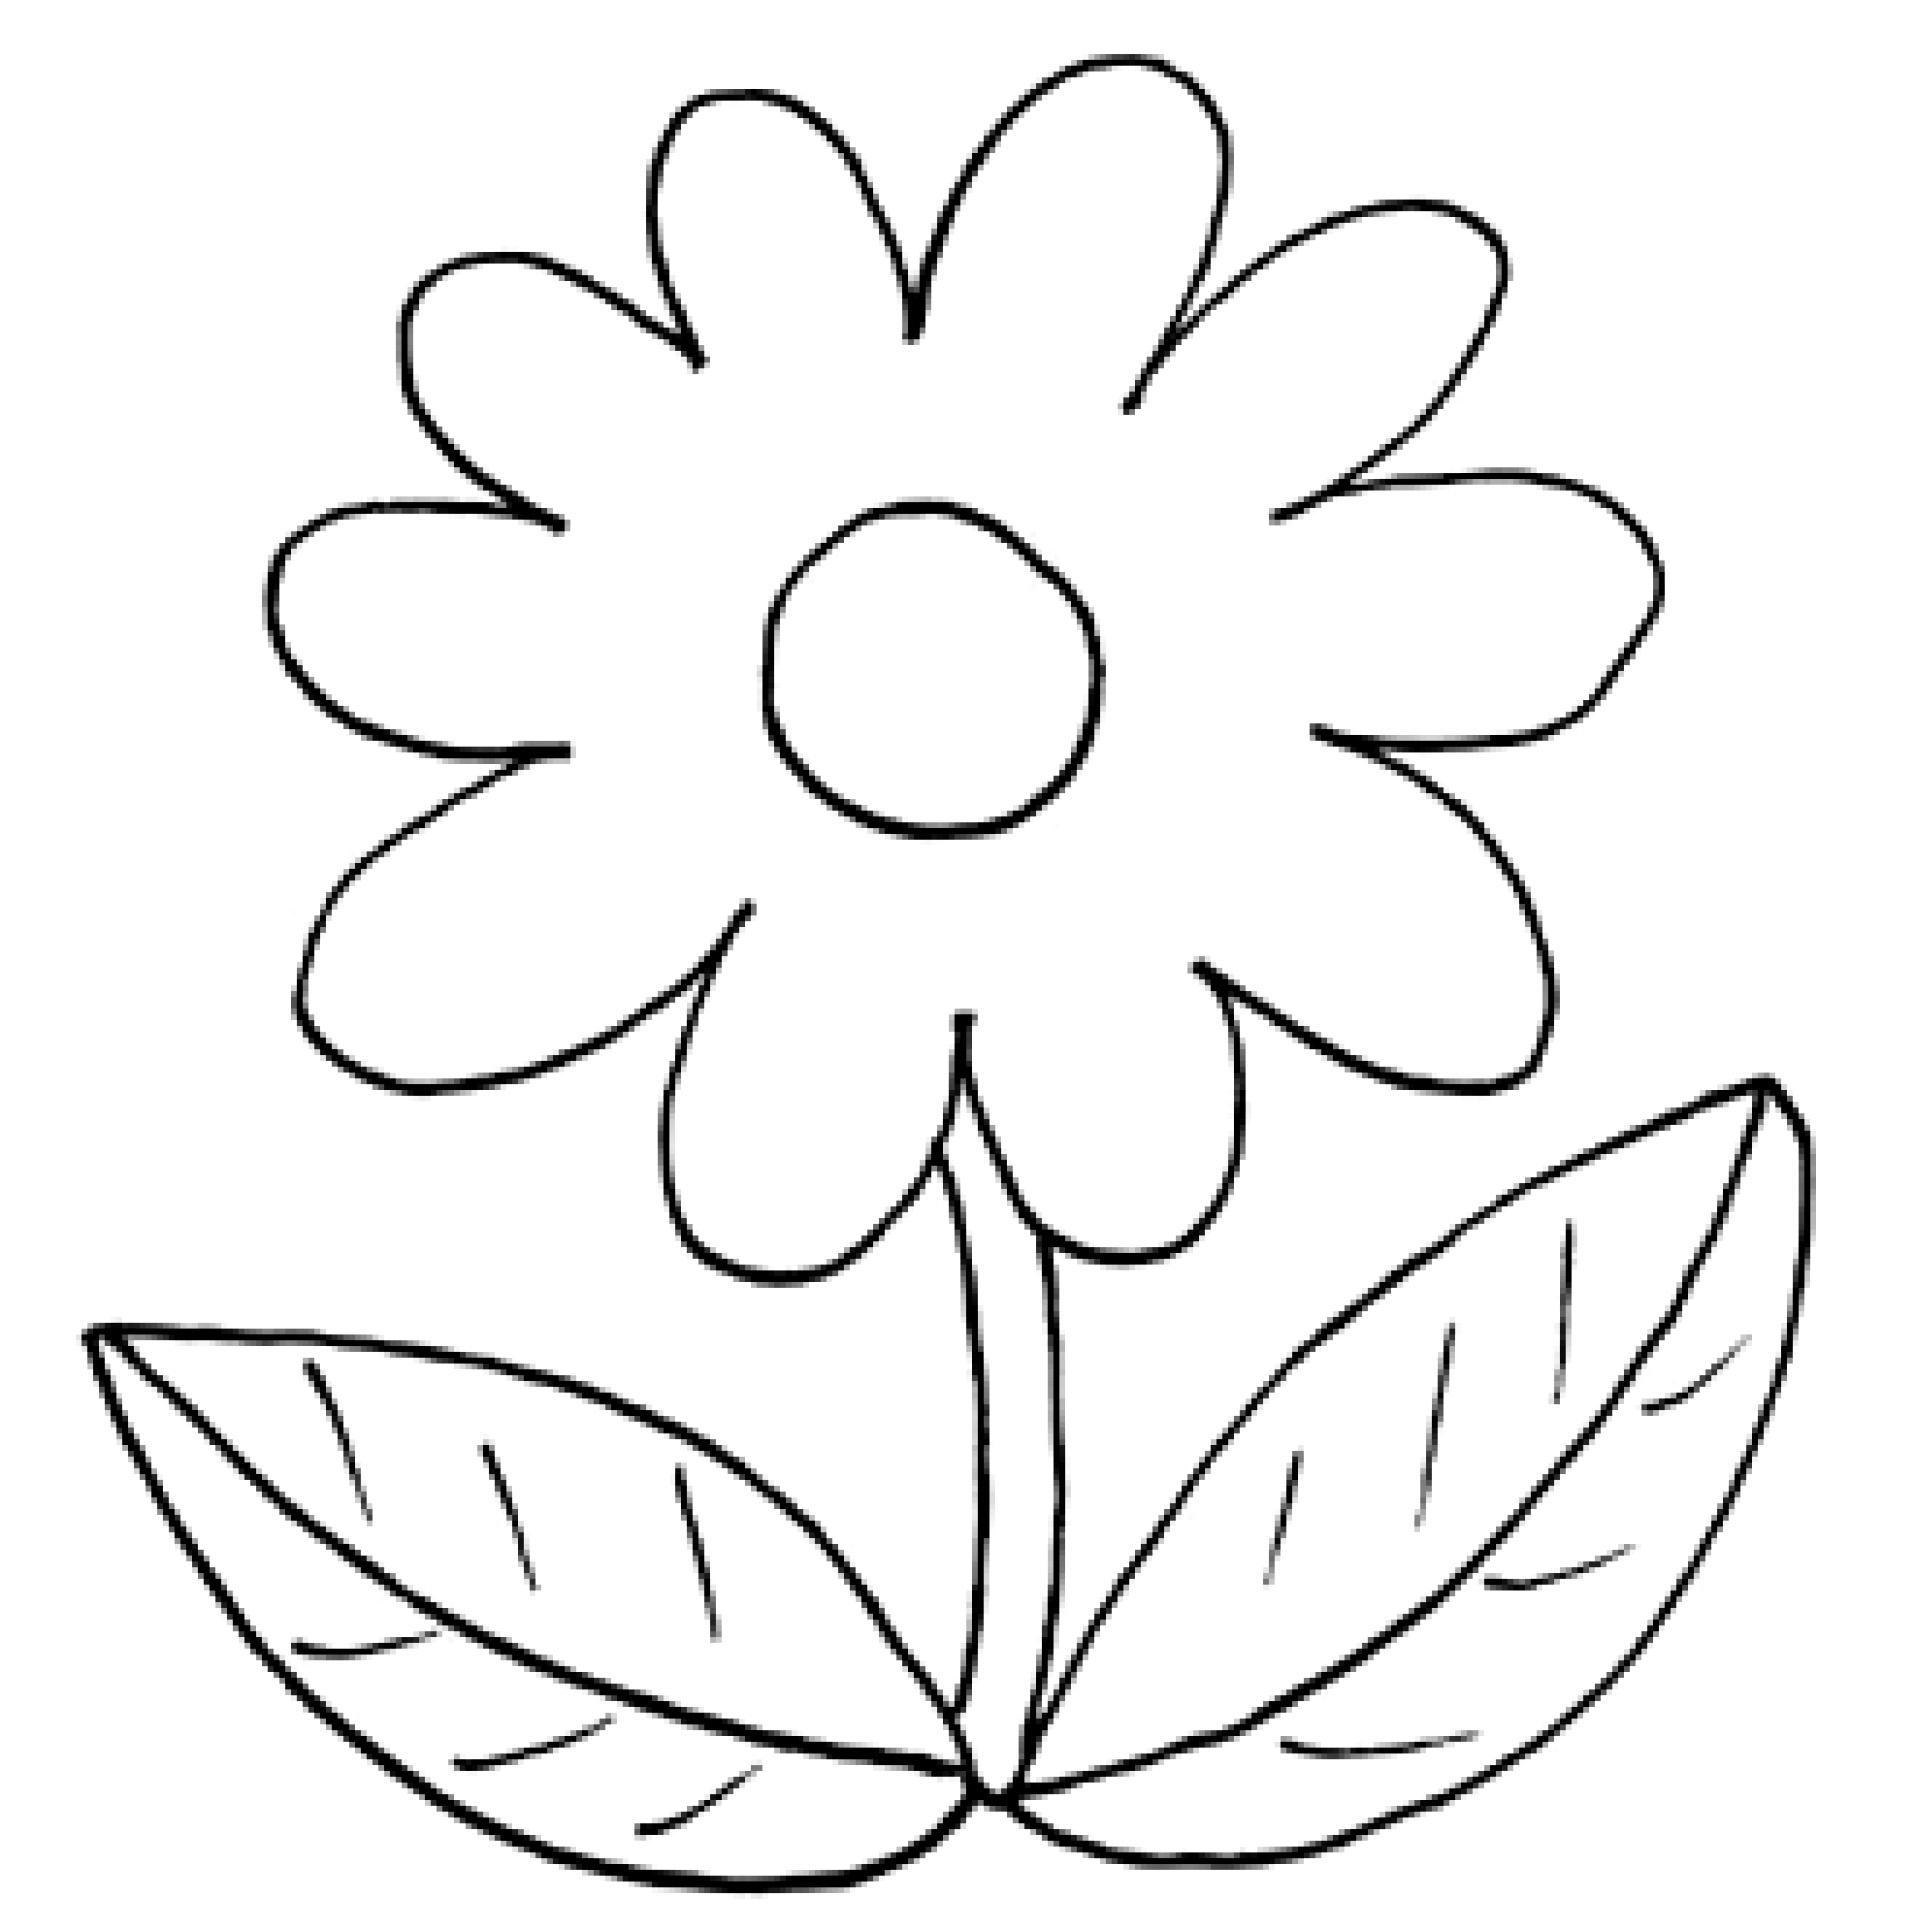 Ausmalbilder Frühling | Mytoys-Blog für Ausmalbilder Frühling